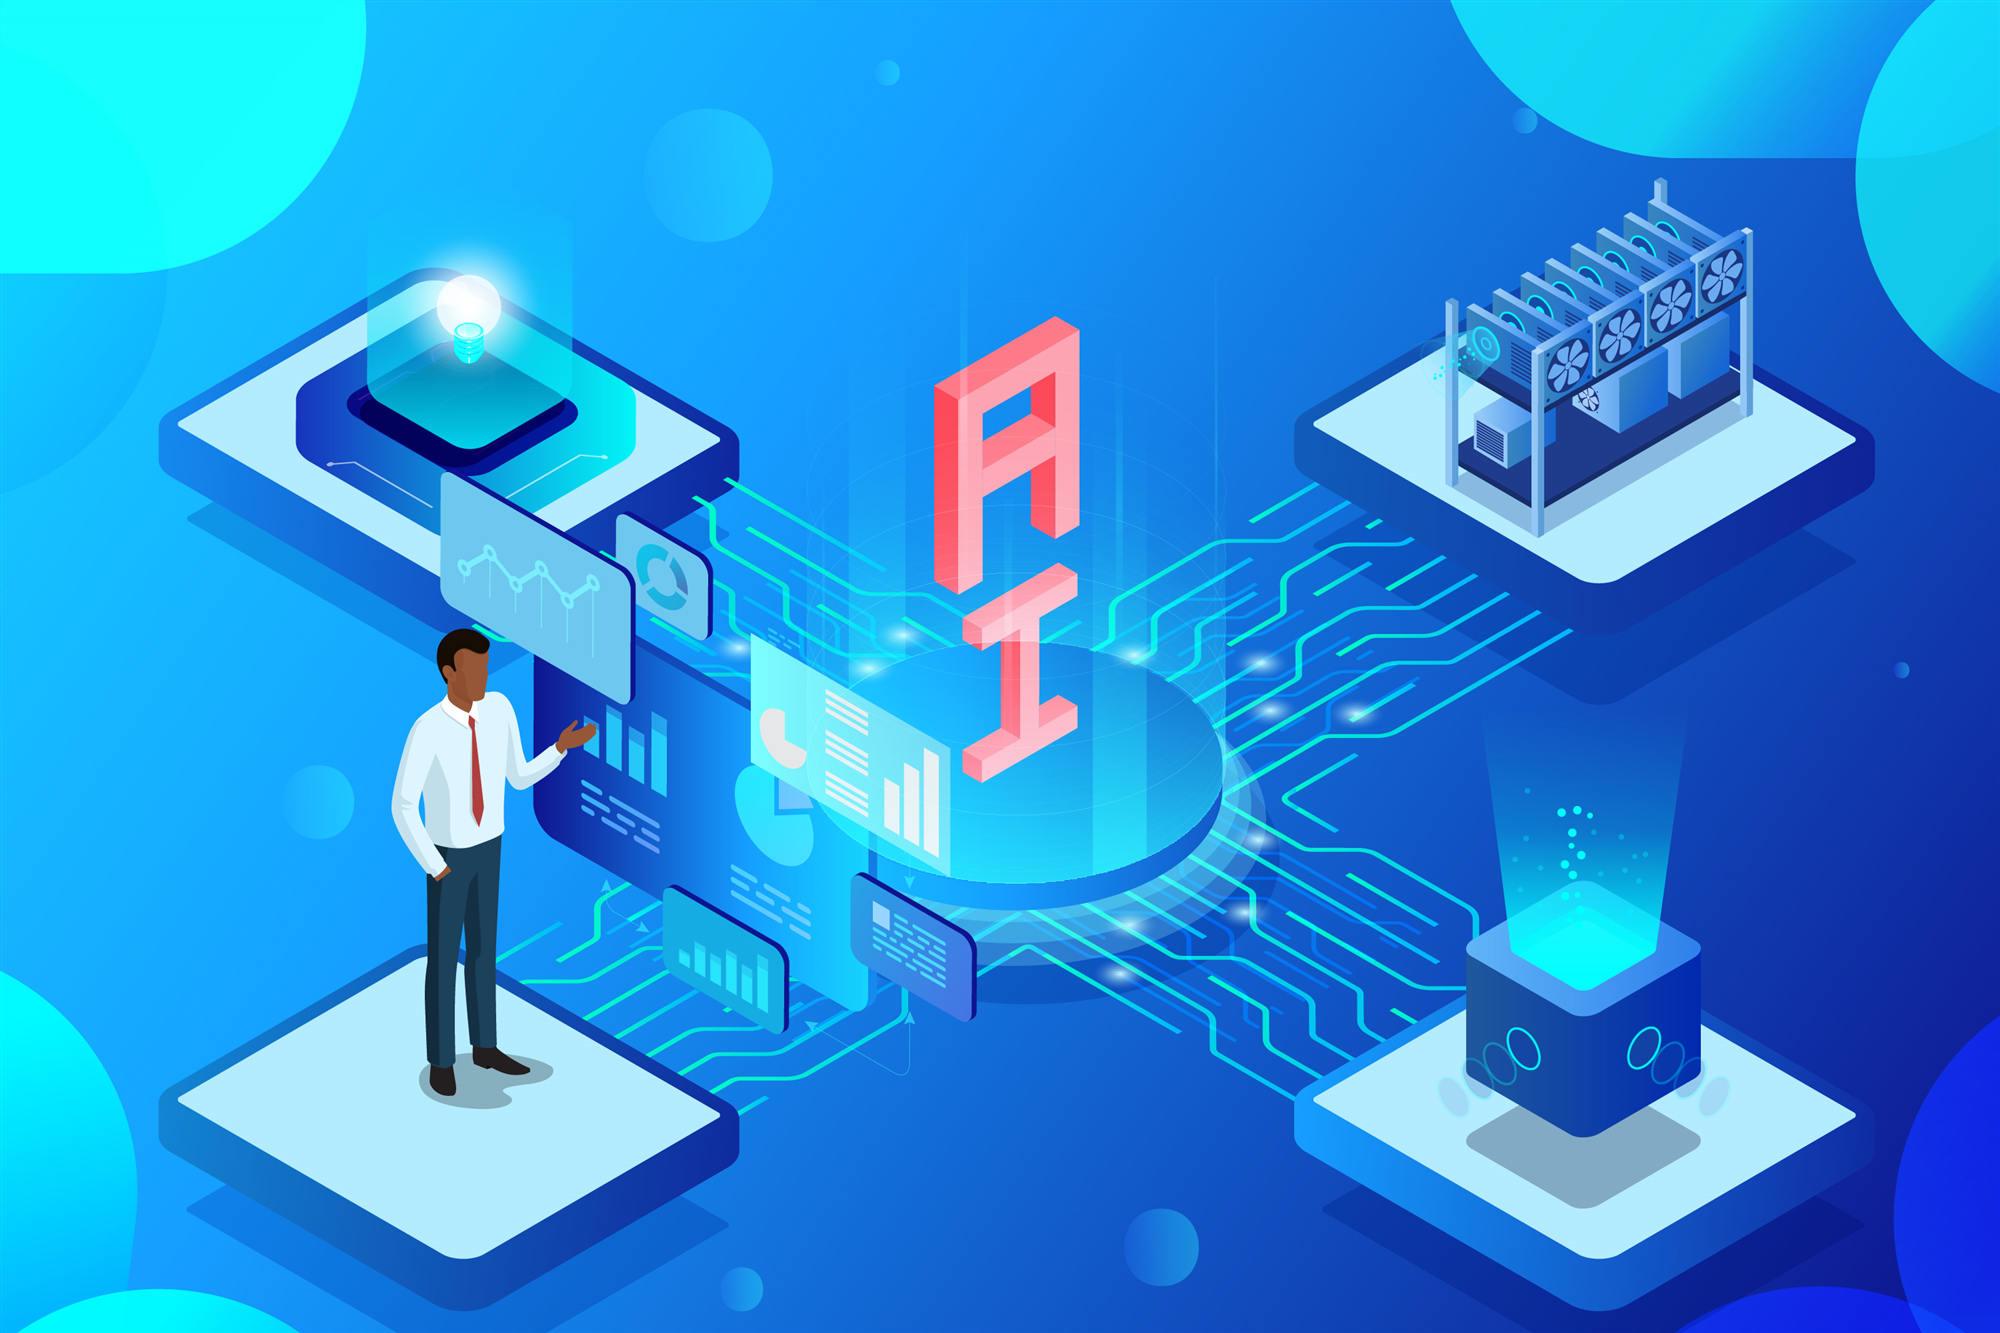 人工智能科普指南:基础概念篇